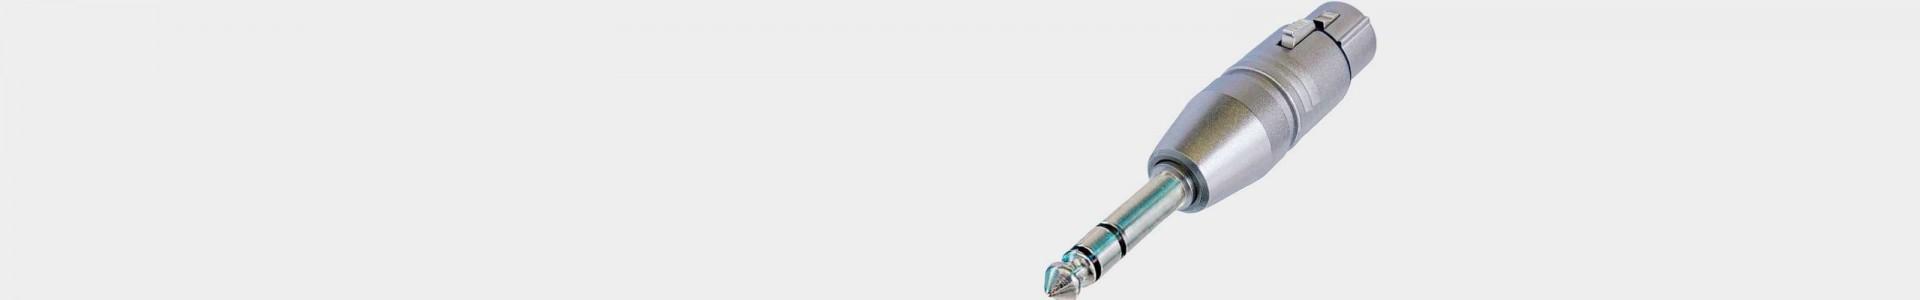 Adaptateurs de Connecteurs Neutrik - Précision  - Avacab